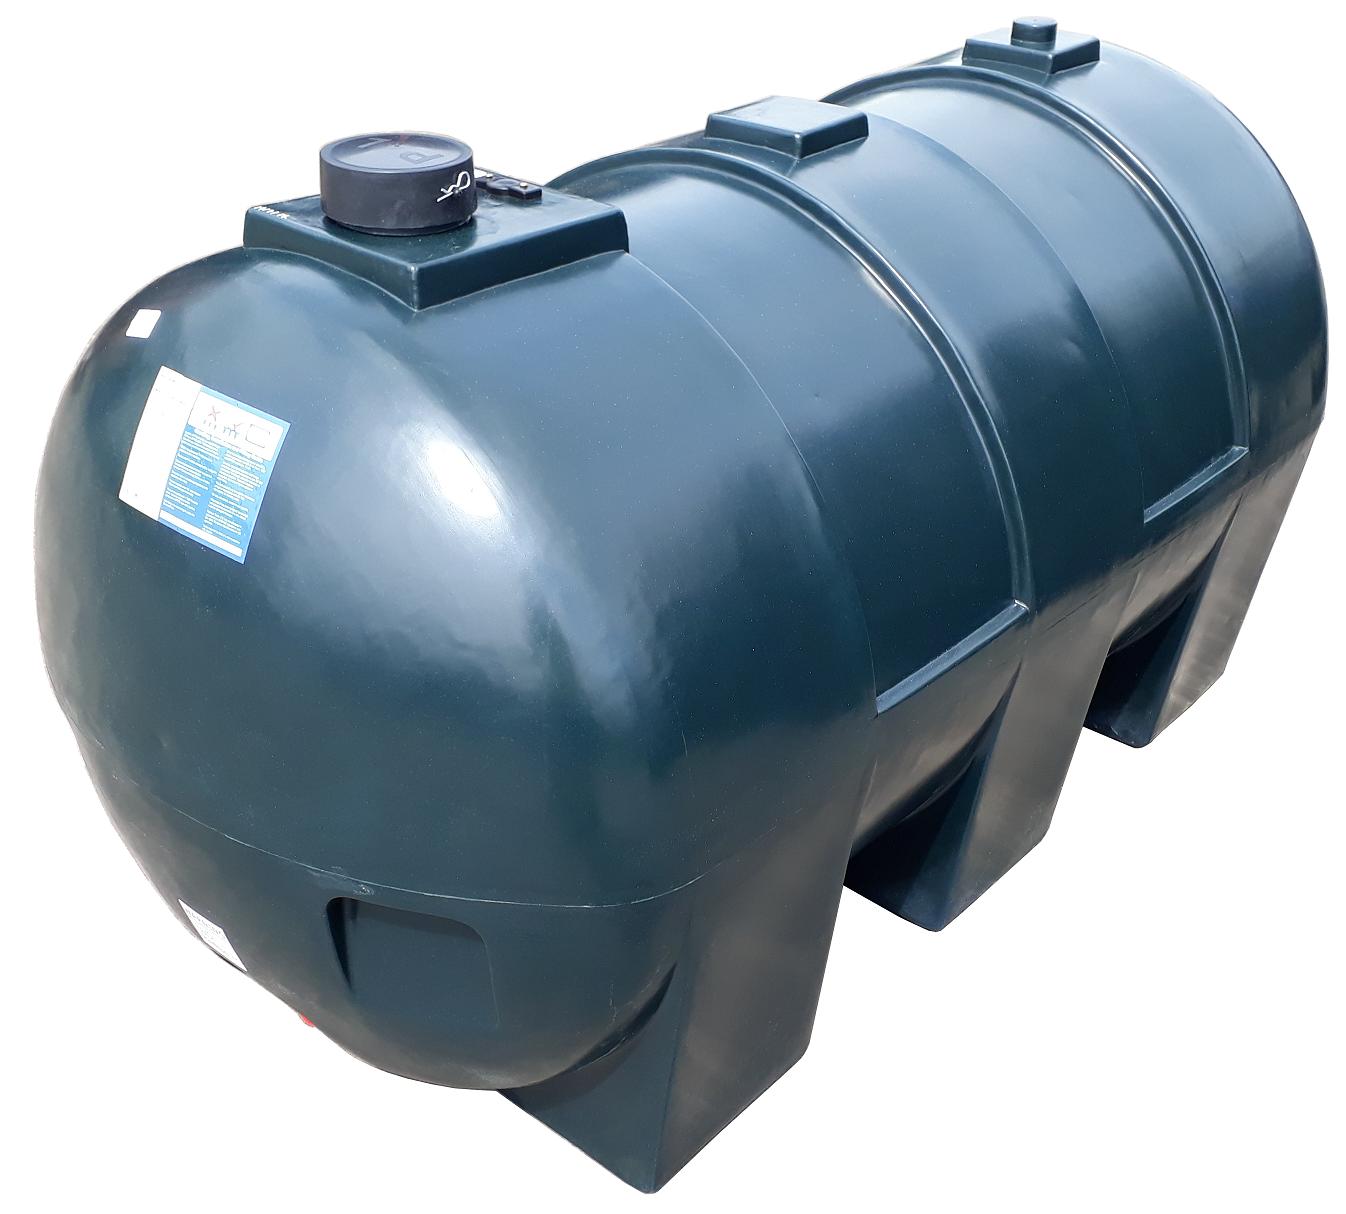 1100 Litre Horizontal Oil Tank Image